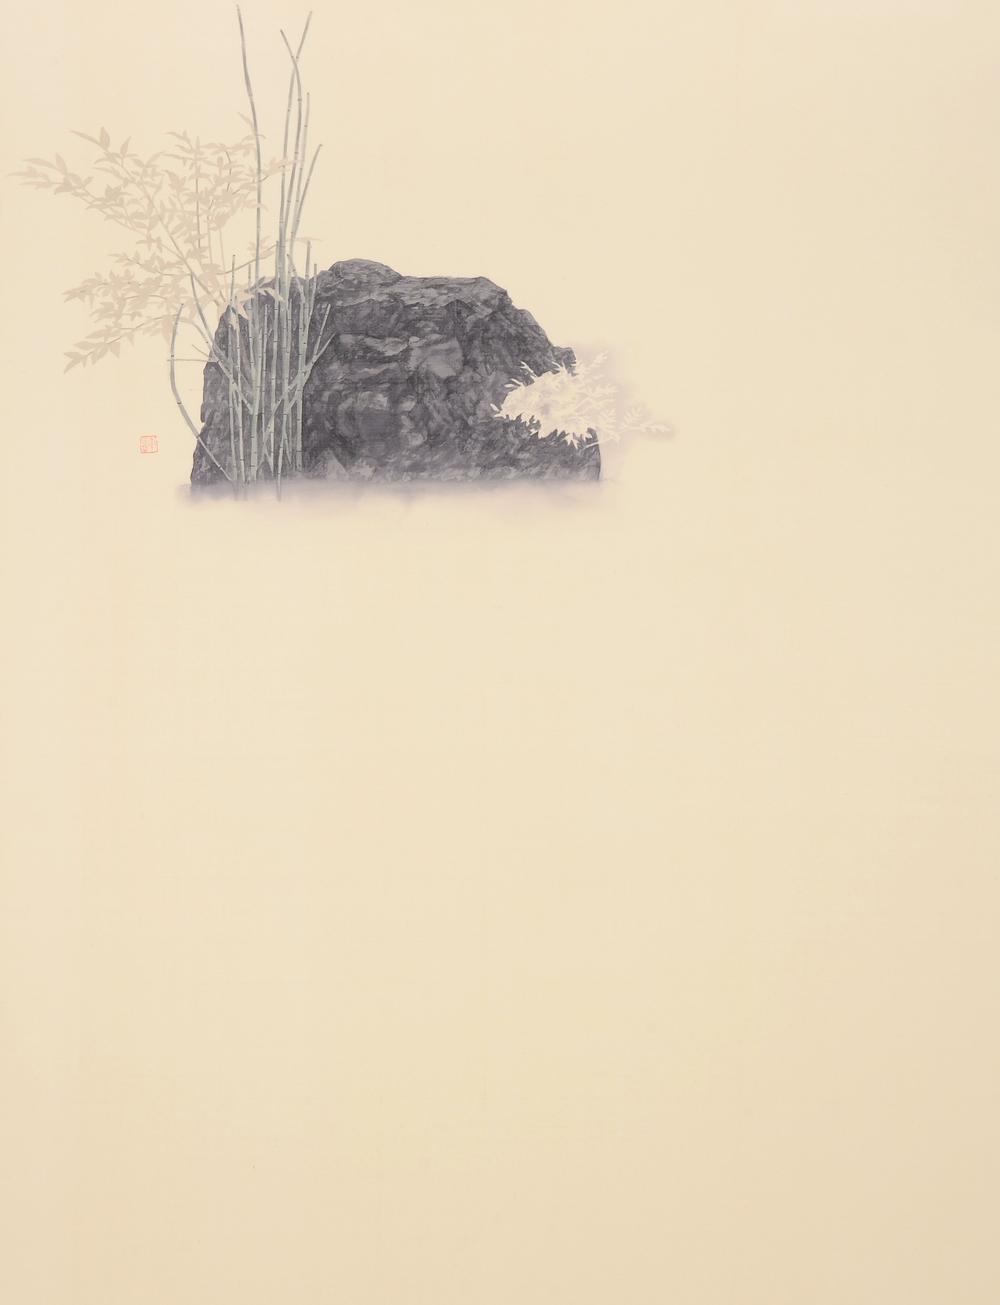 幽棲草自生-2  82x107 cm  2015  水墨絹本